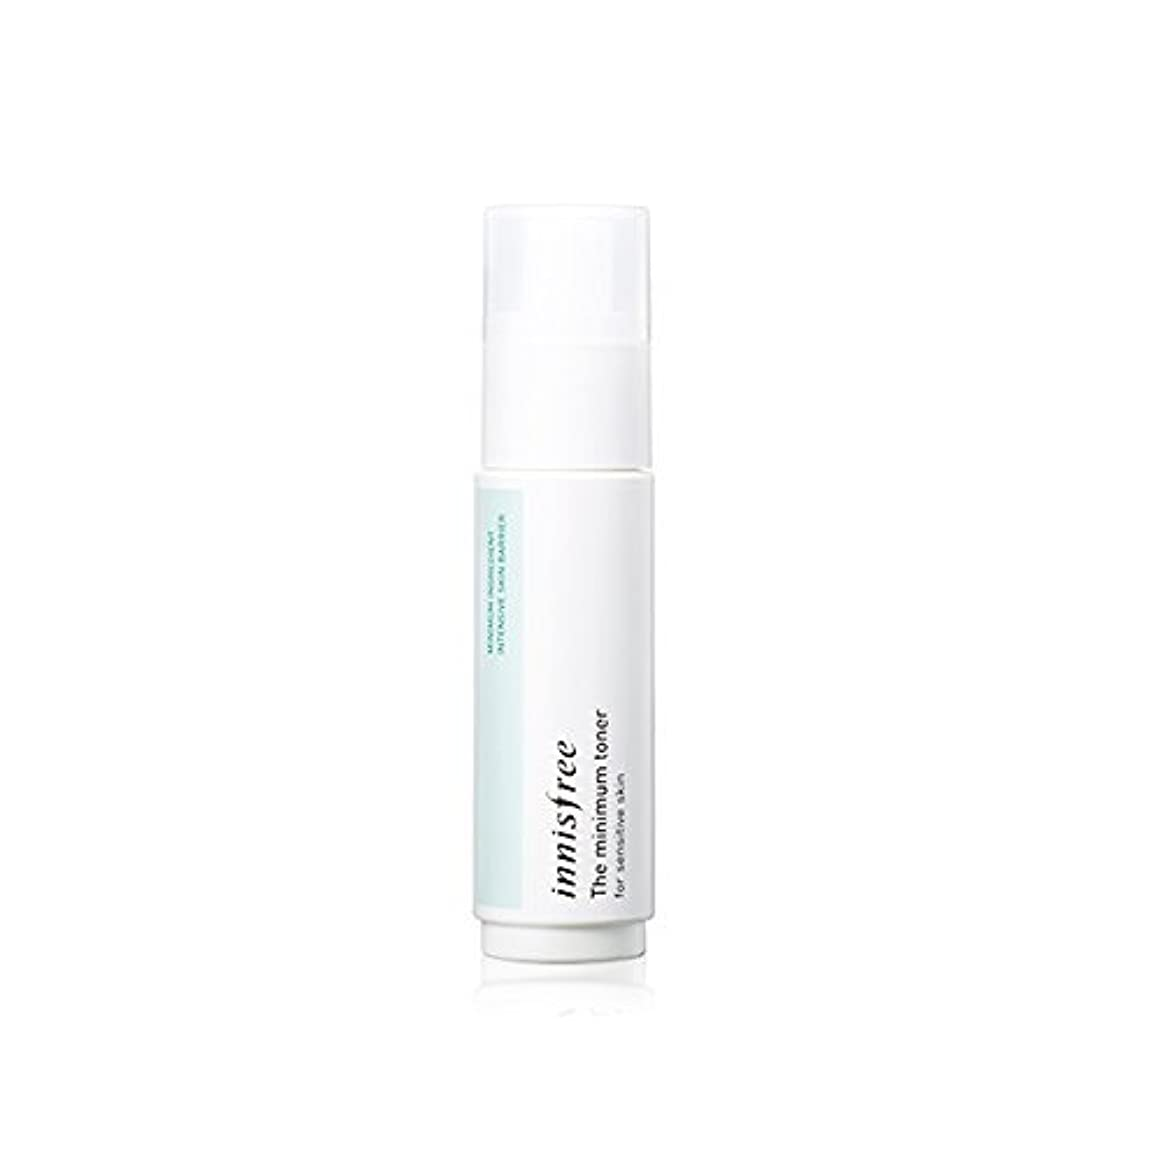 確保する回復精神Innisfree The Minimum Toner For Sensitive Skin [並行輸入品]